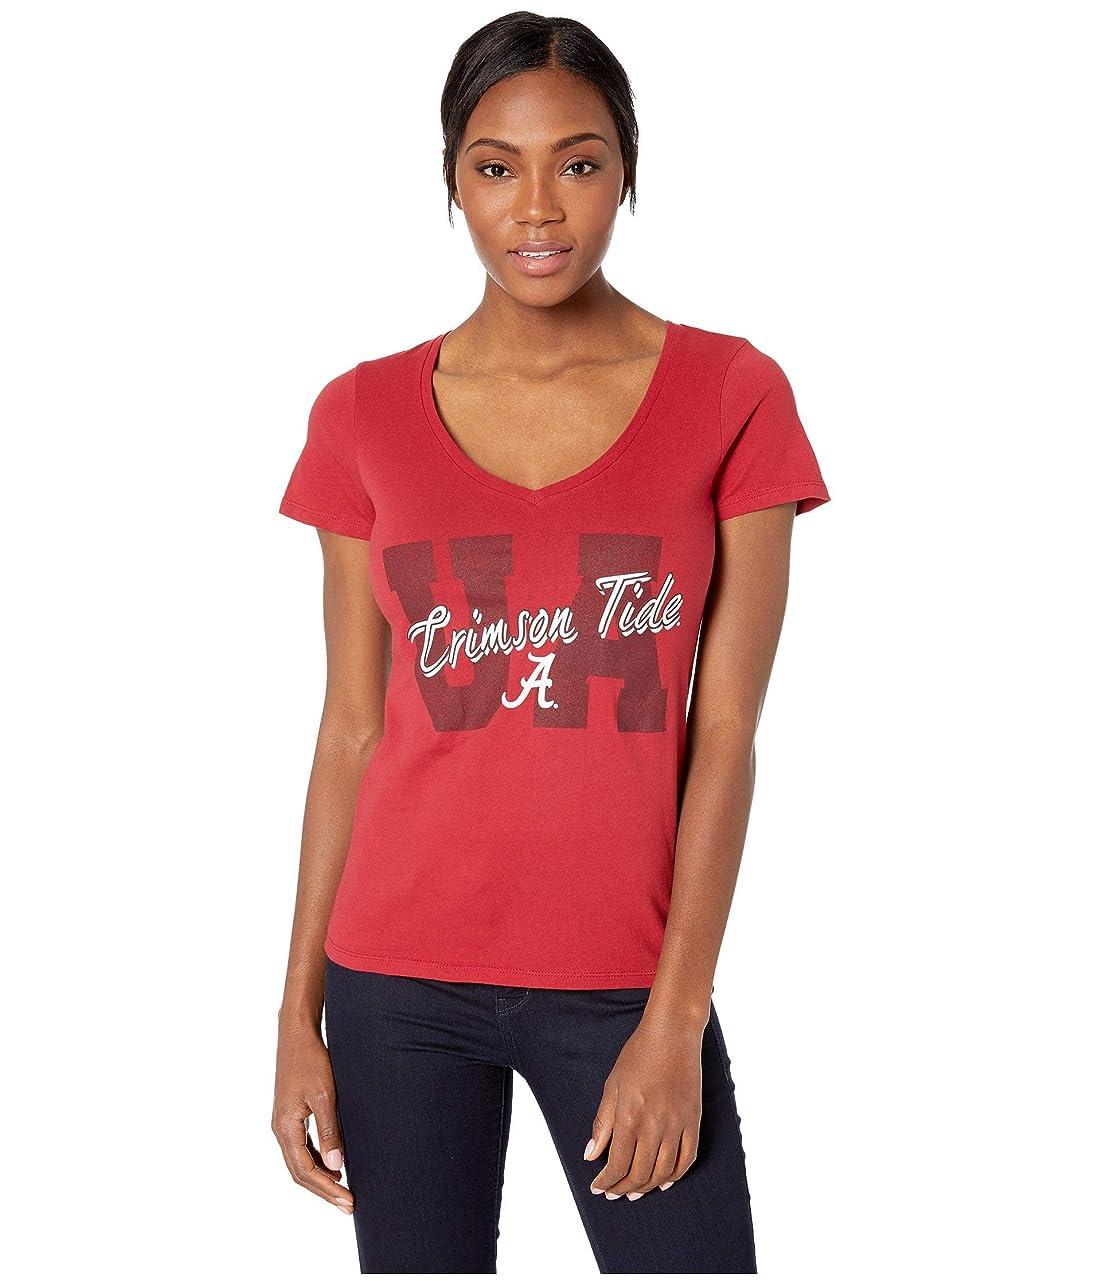 症候群ボール名詞[チャンピオン] レディース シャツ Alabama Crimson Tide University V-Neck T [並行輸入品]